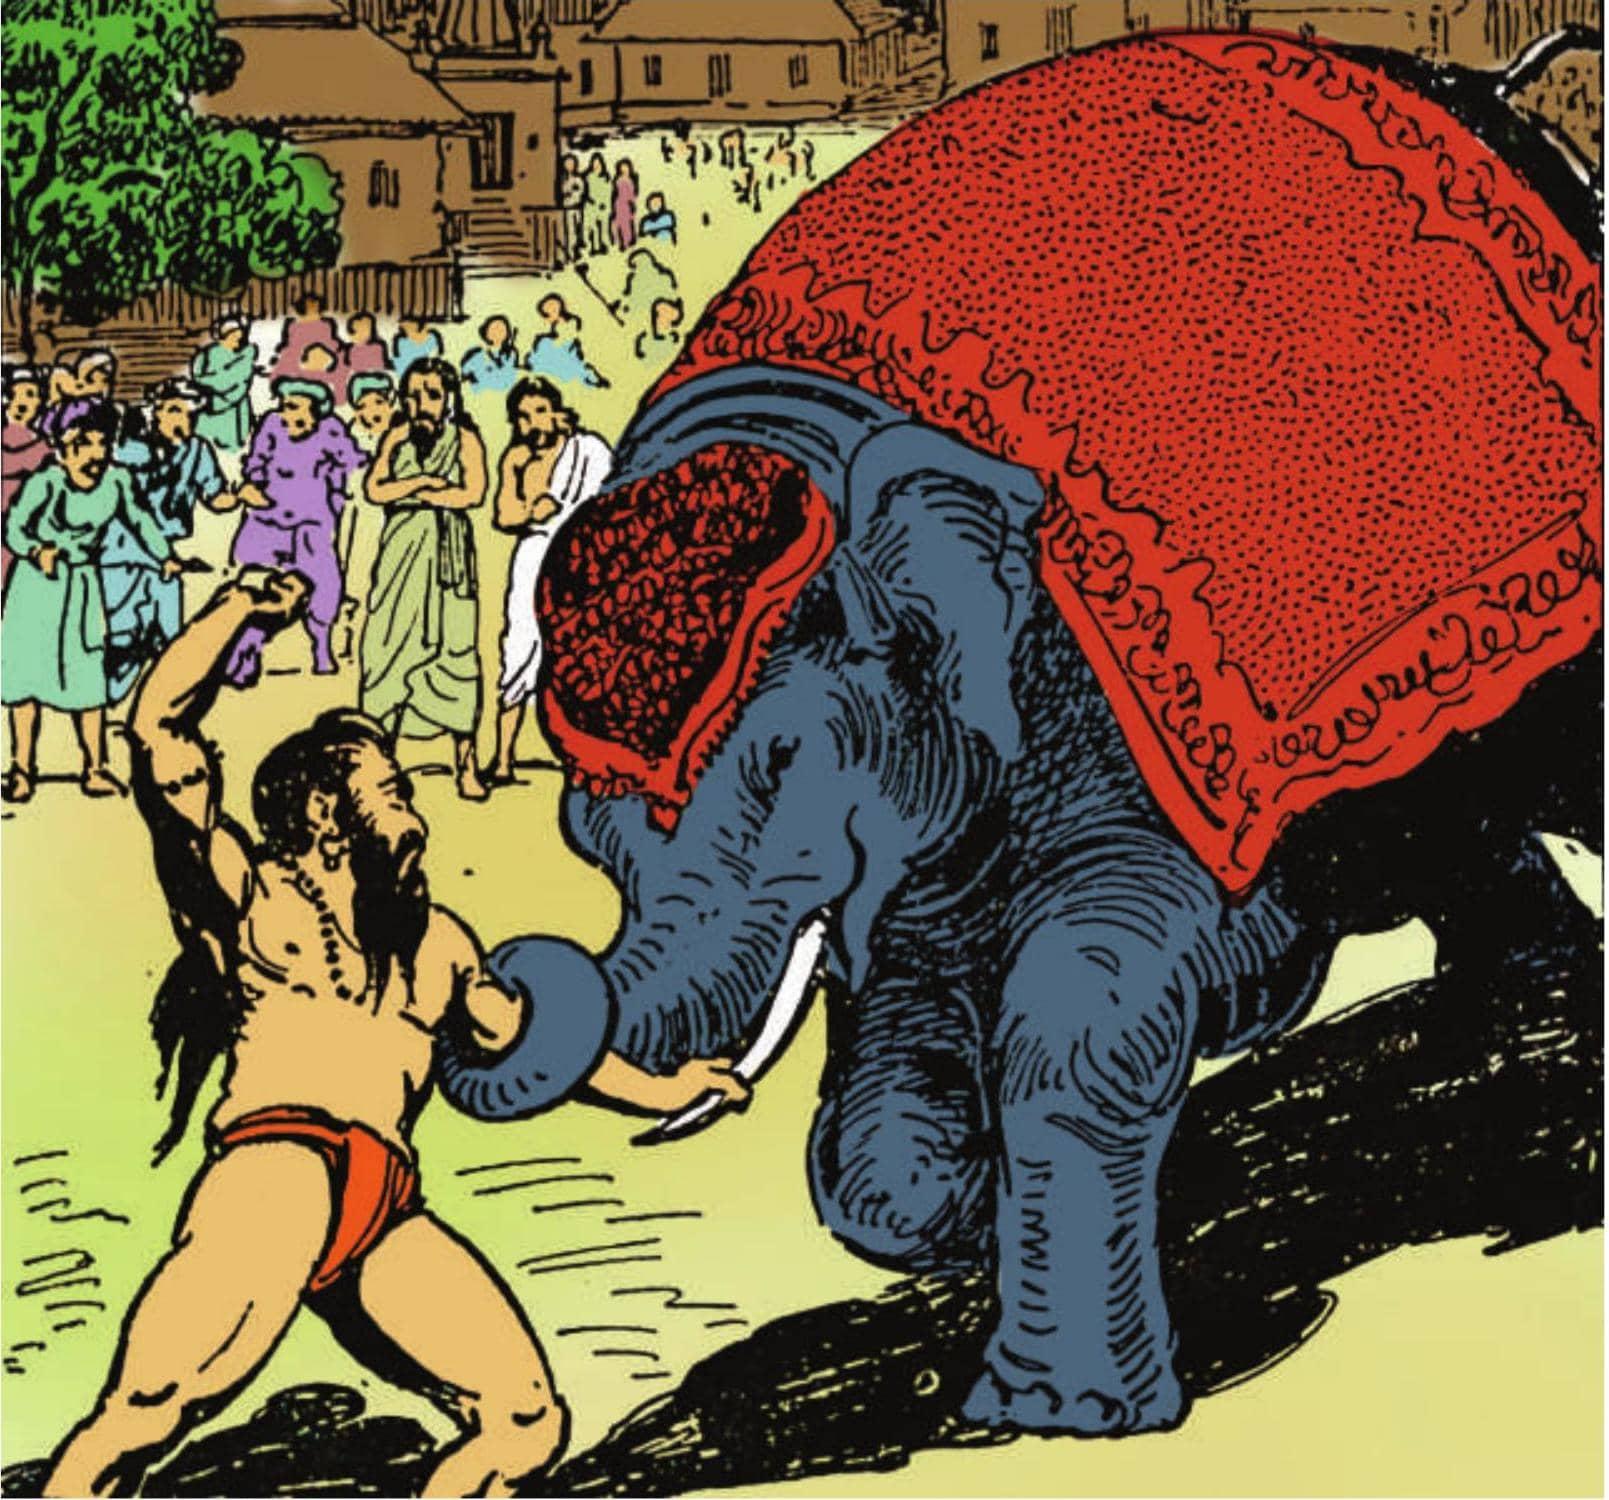 गुरुकृपा का ऐसा बल कि उन्मत्त हाथी हुआ निर्बल